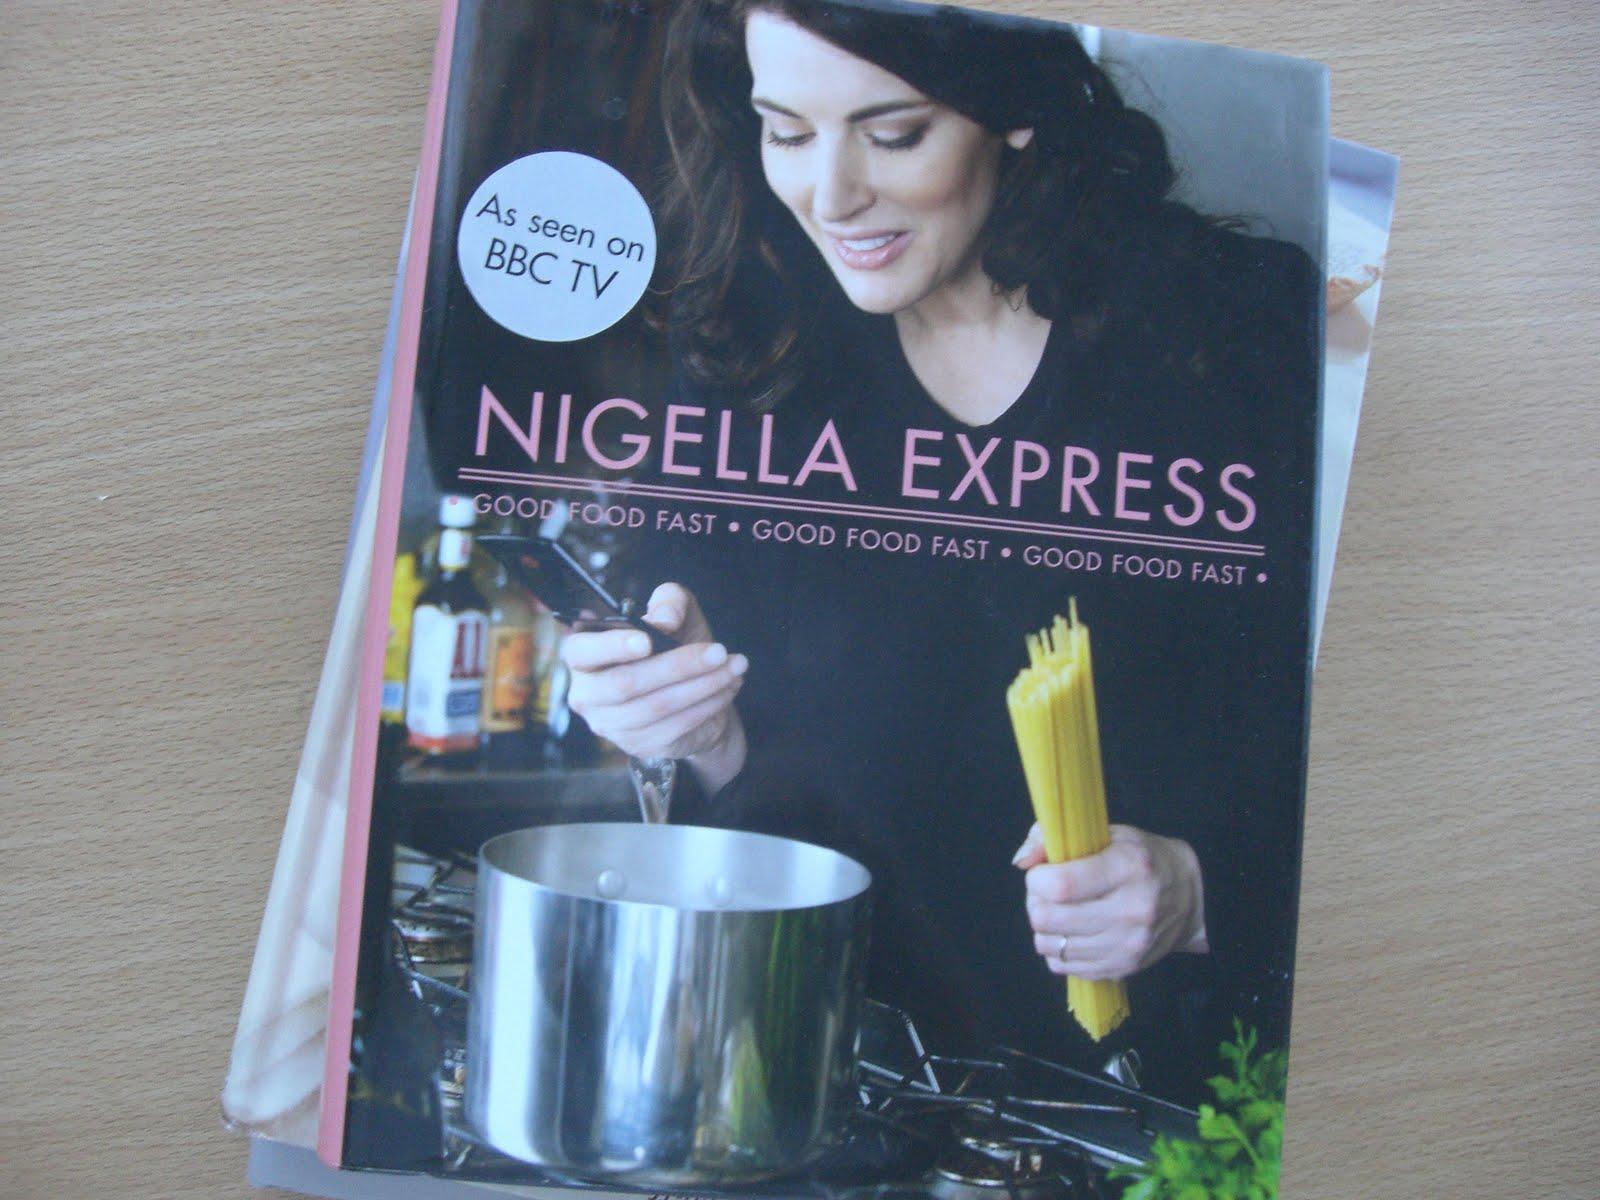 Nigella Express, by Nigella